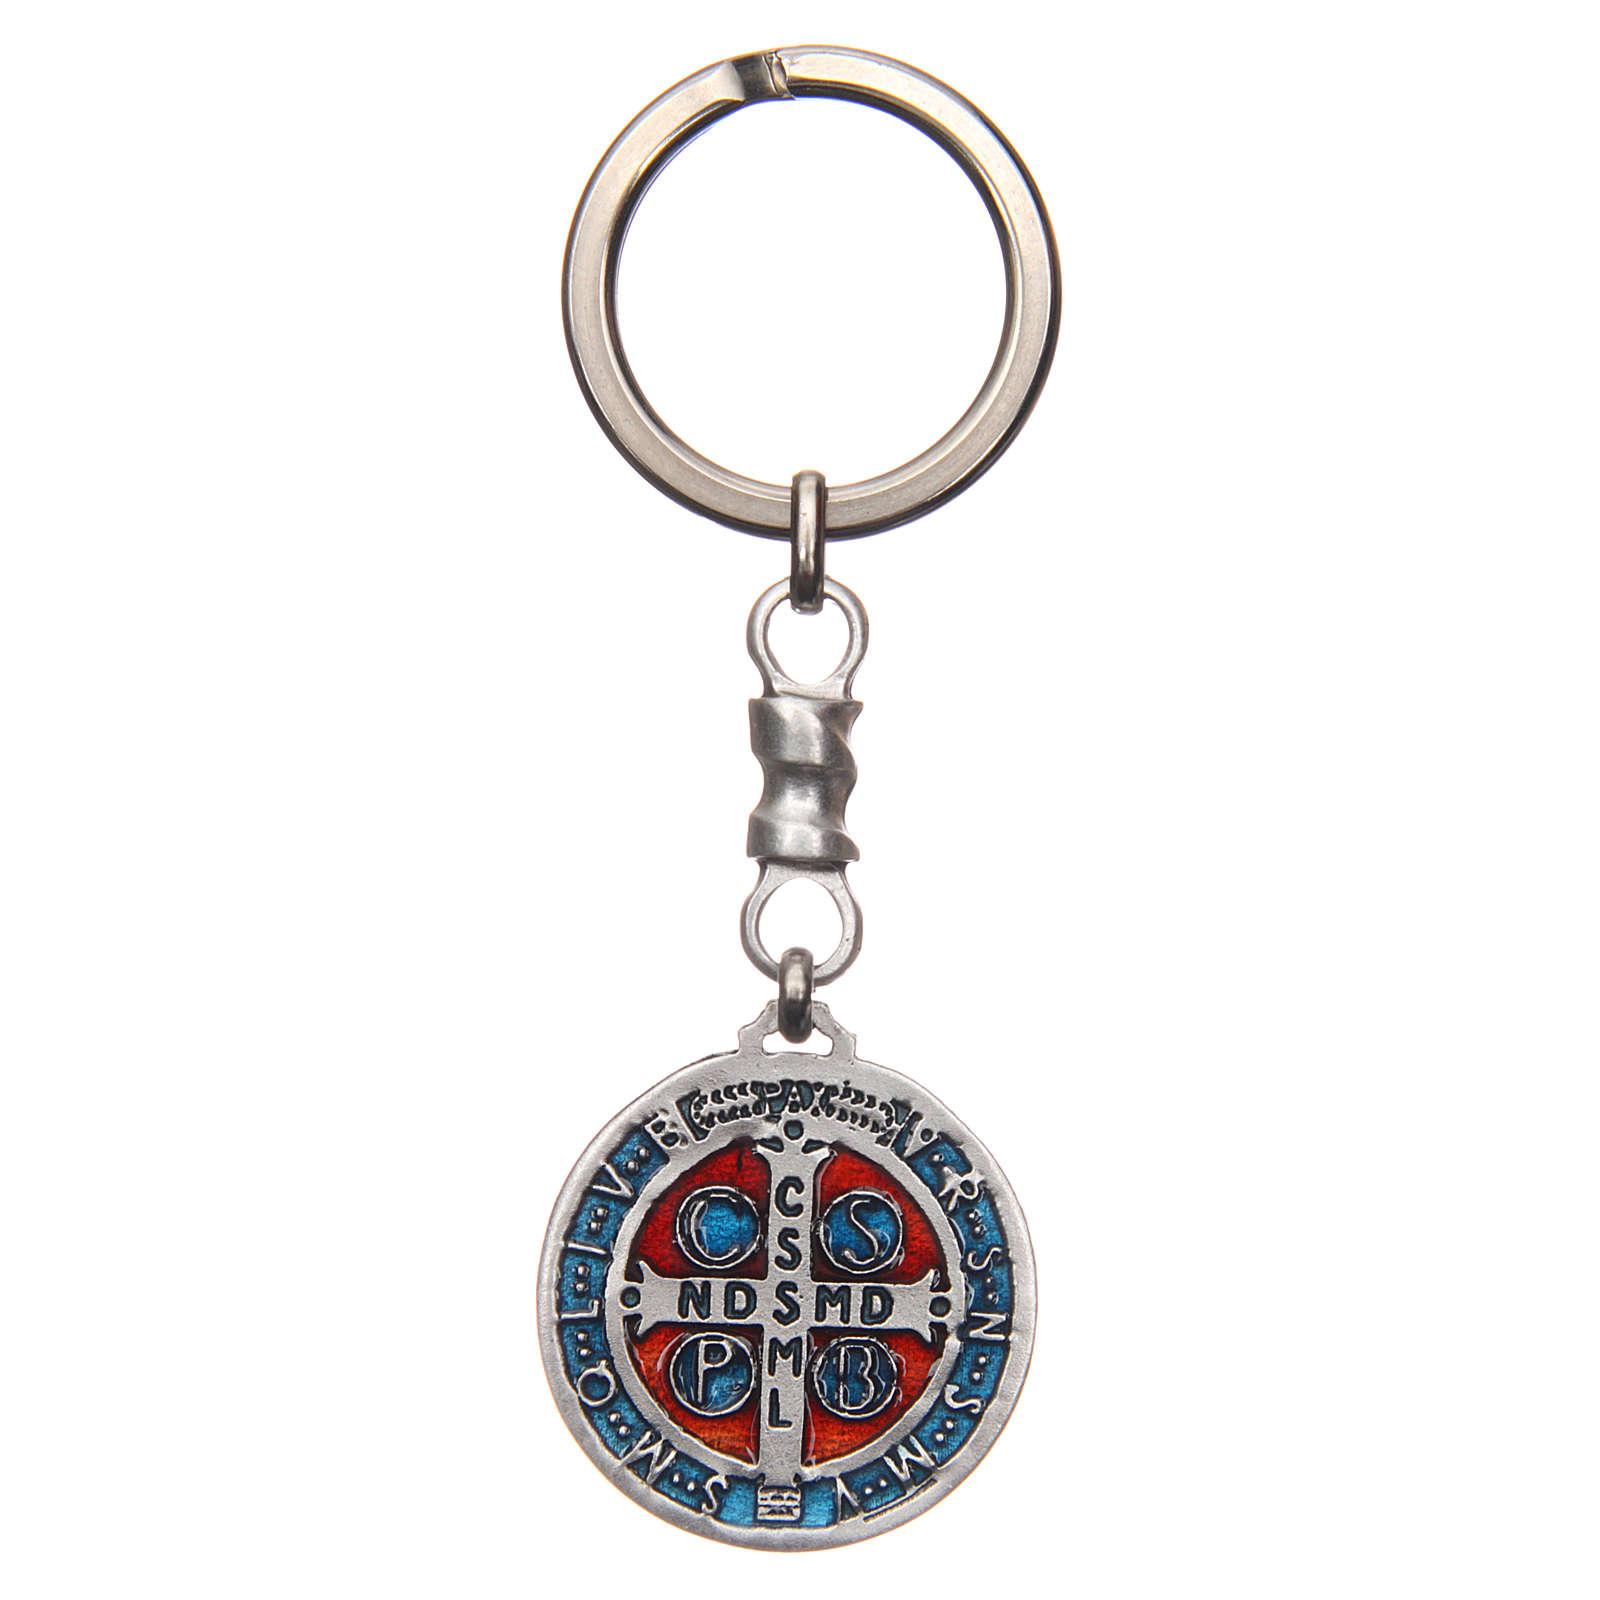 Chaveiro medalha cruz São Bento zamak 2,9 cm 3